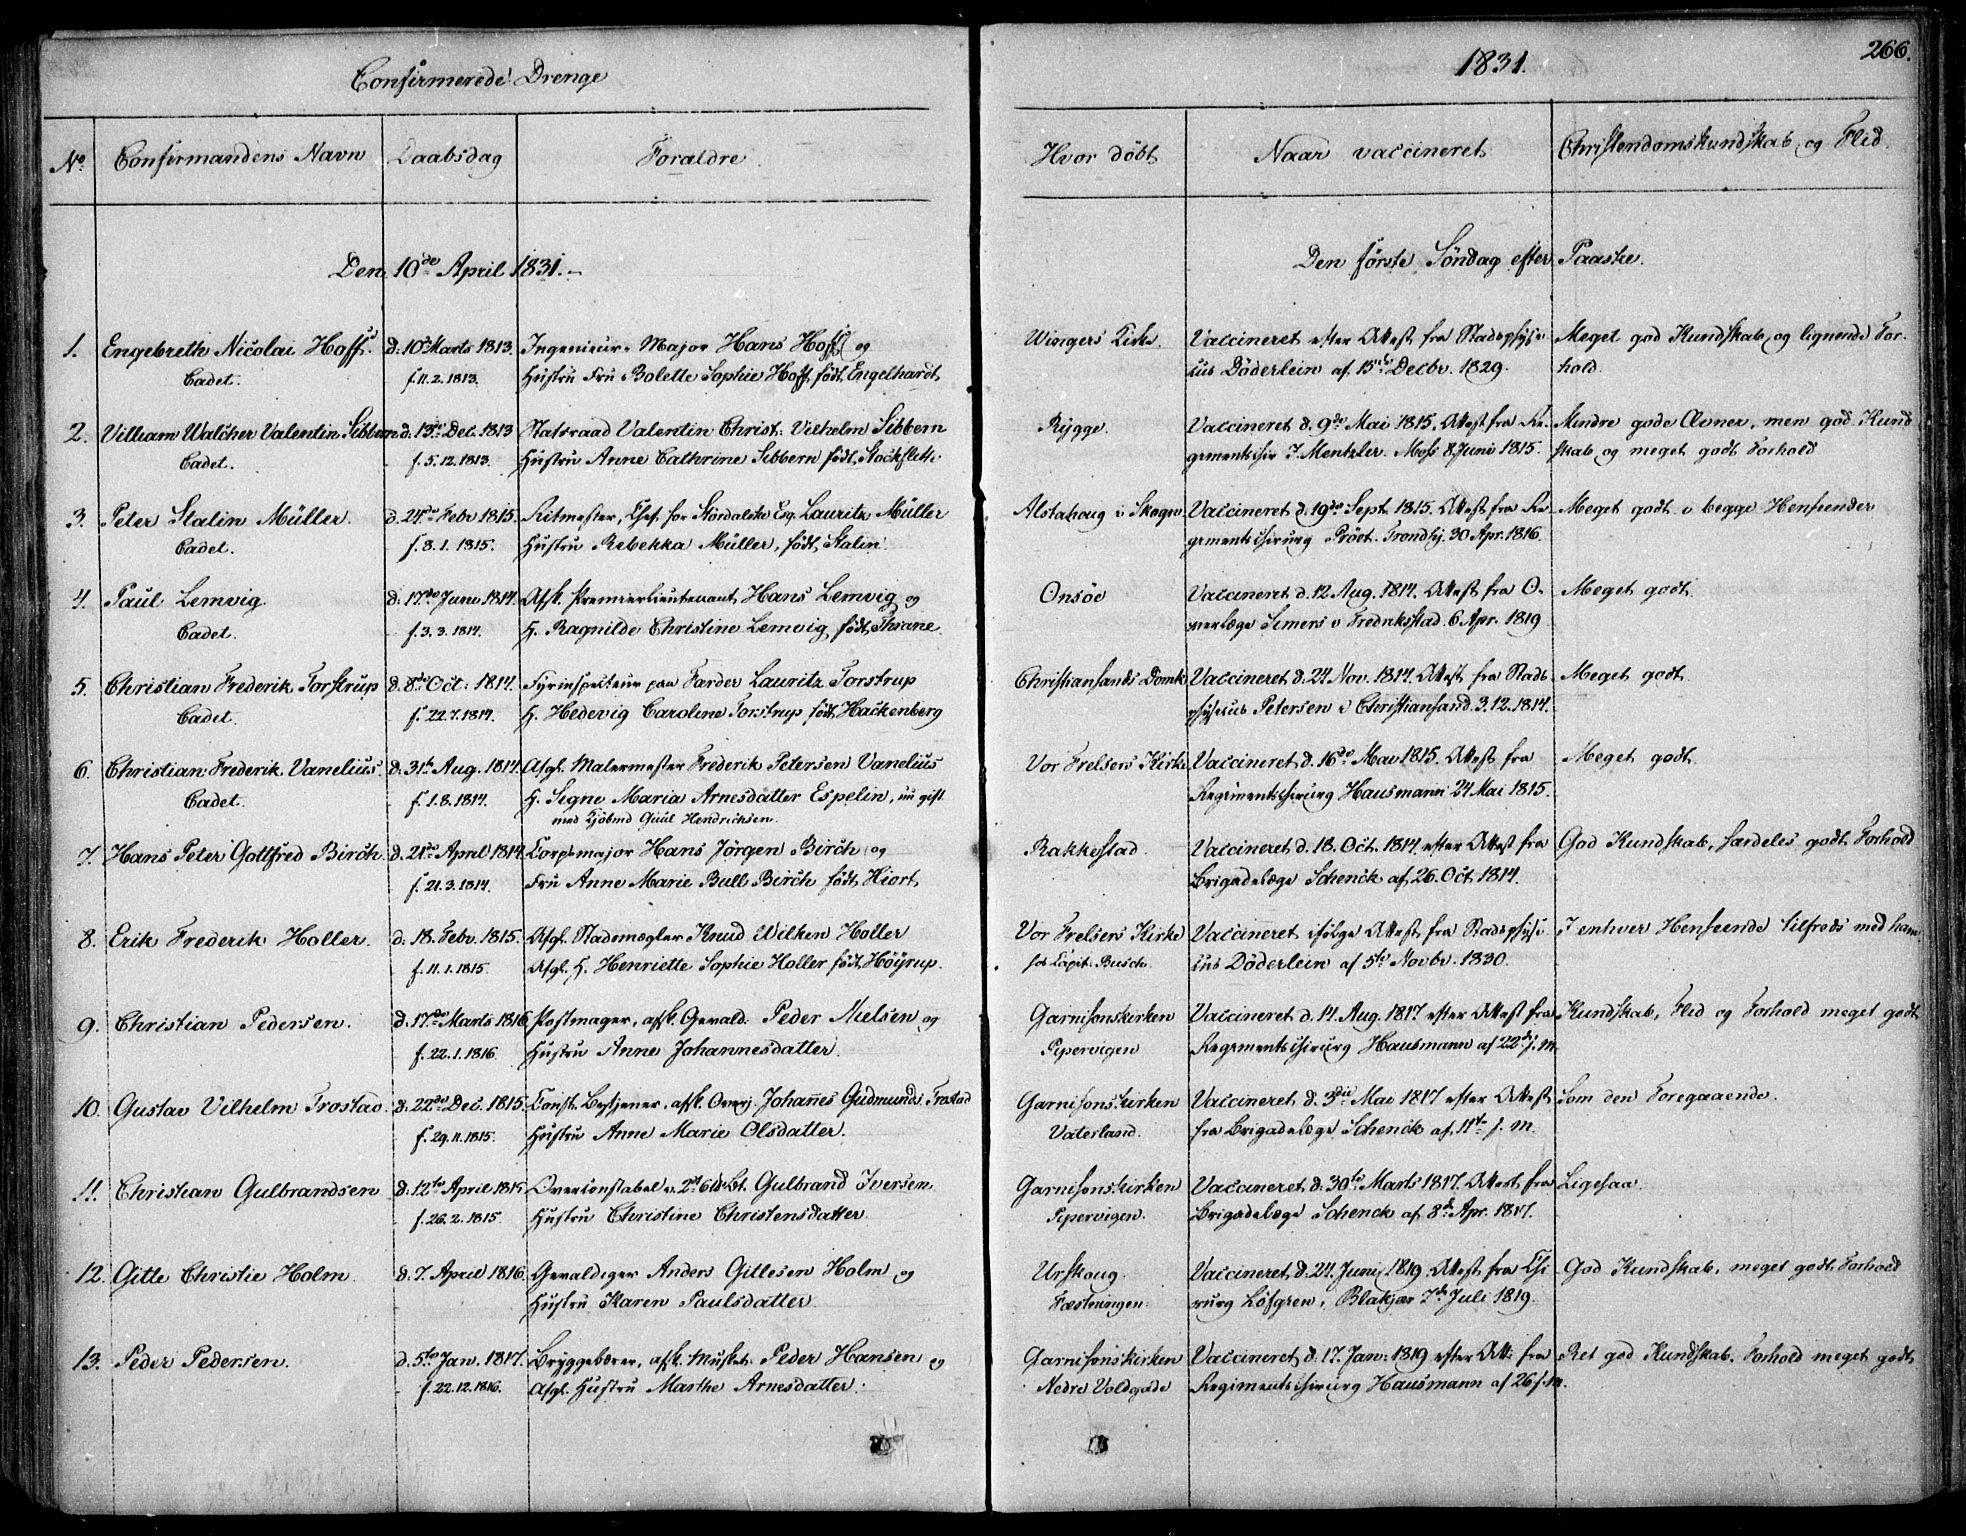 SAO, Garnisonsmenigheten Kirkebøker, F/Fa/L0006: Ministerialbok nr. 6, 1828-1841, s. 266